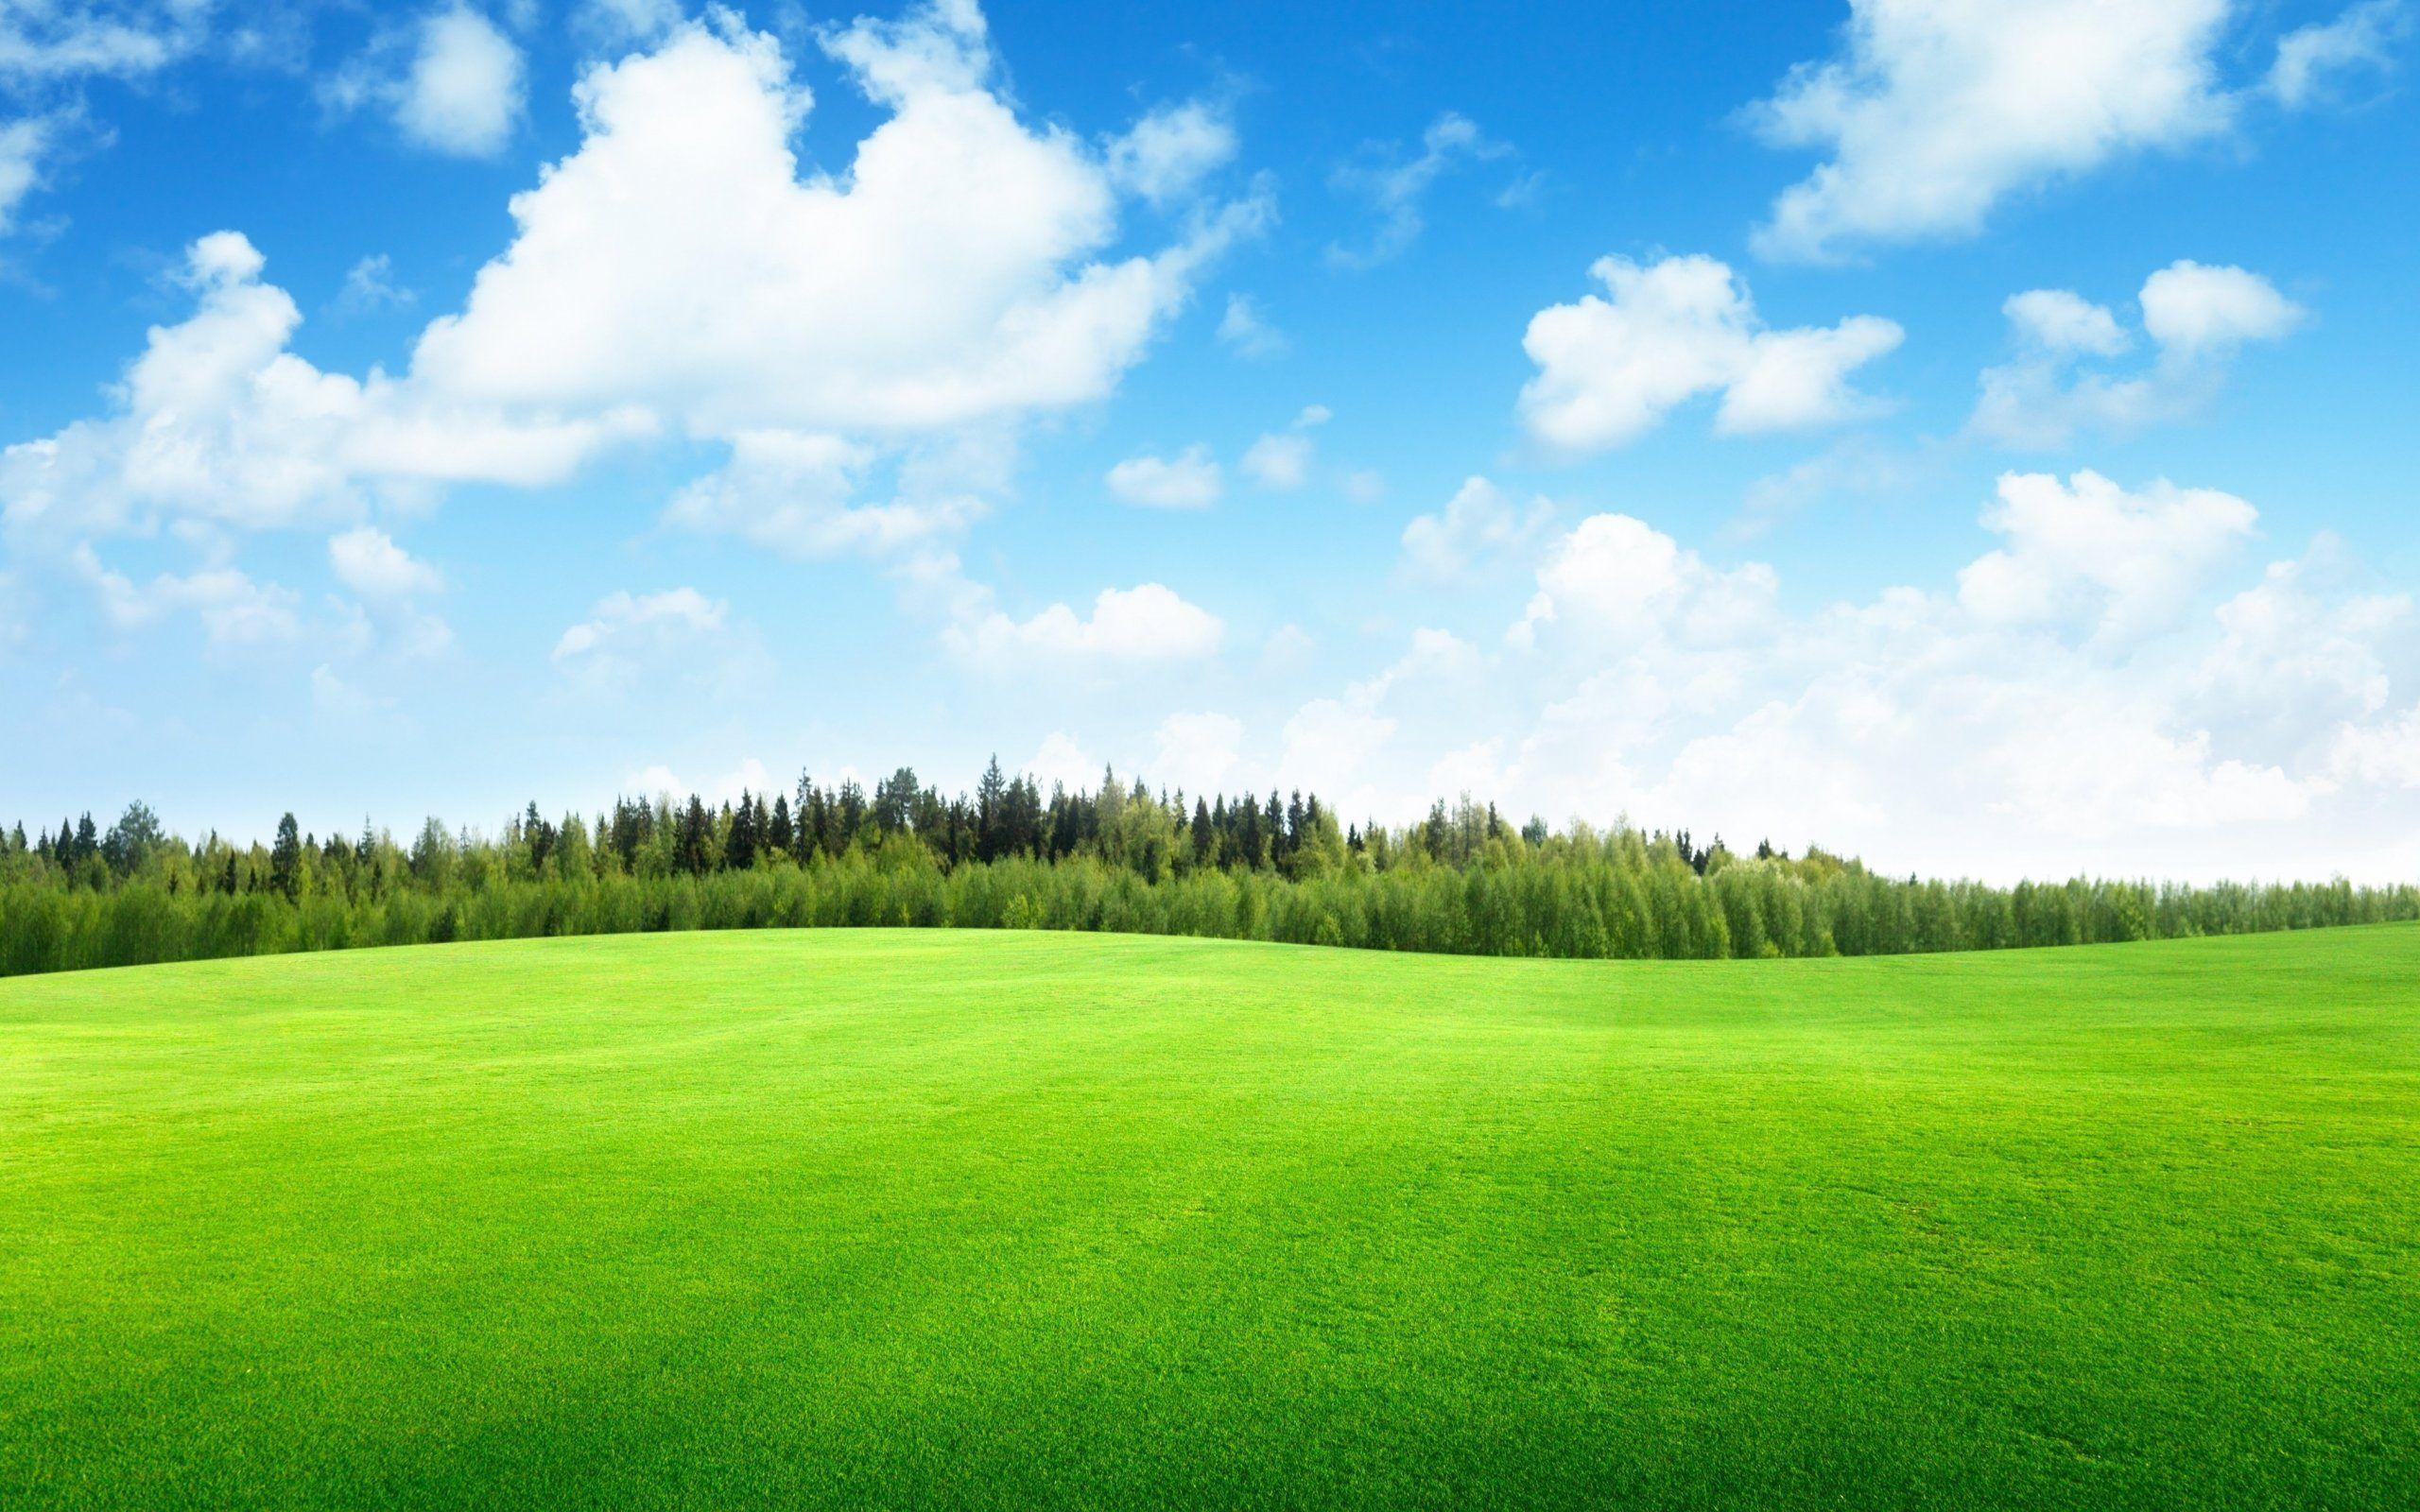 beautiful green landscape wallpaper 11 | beautiful green landscape